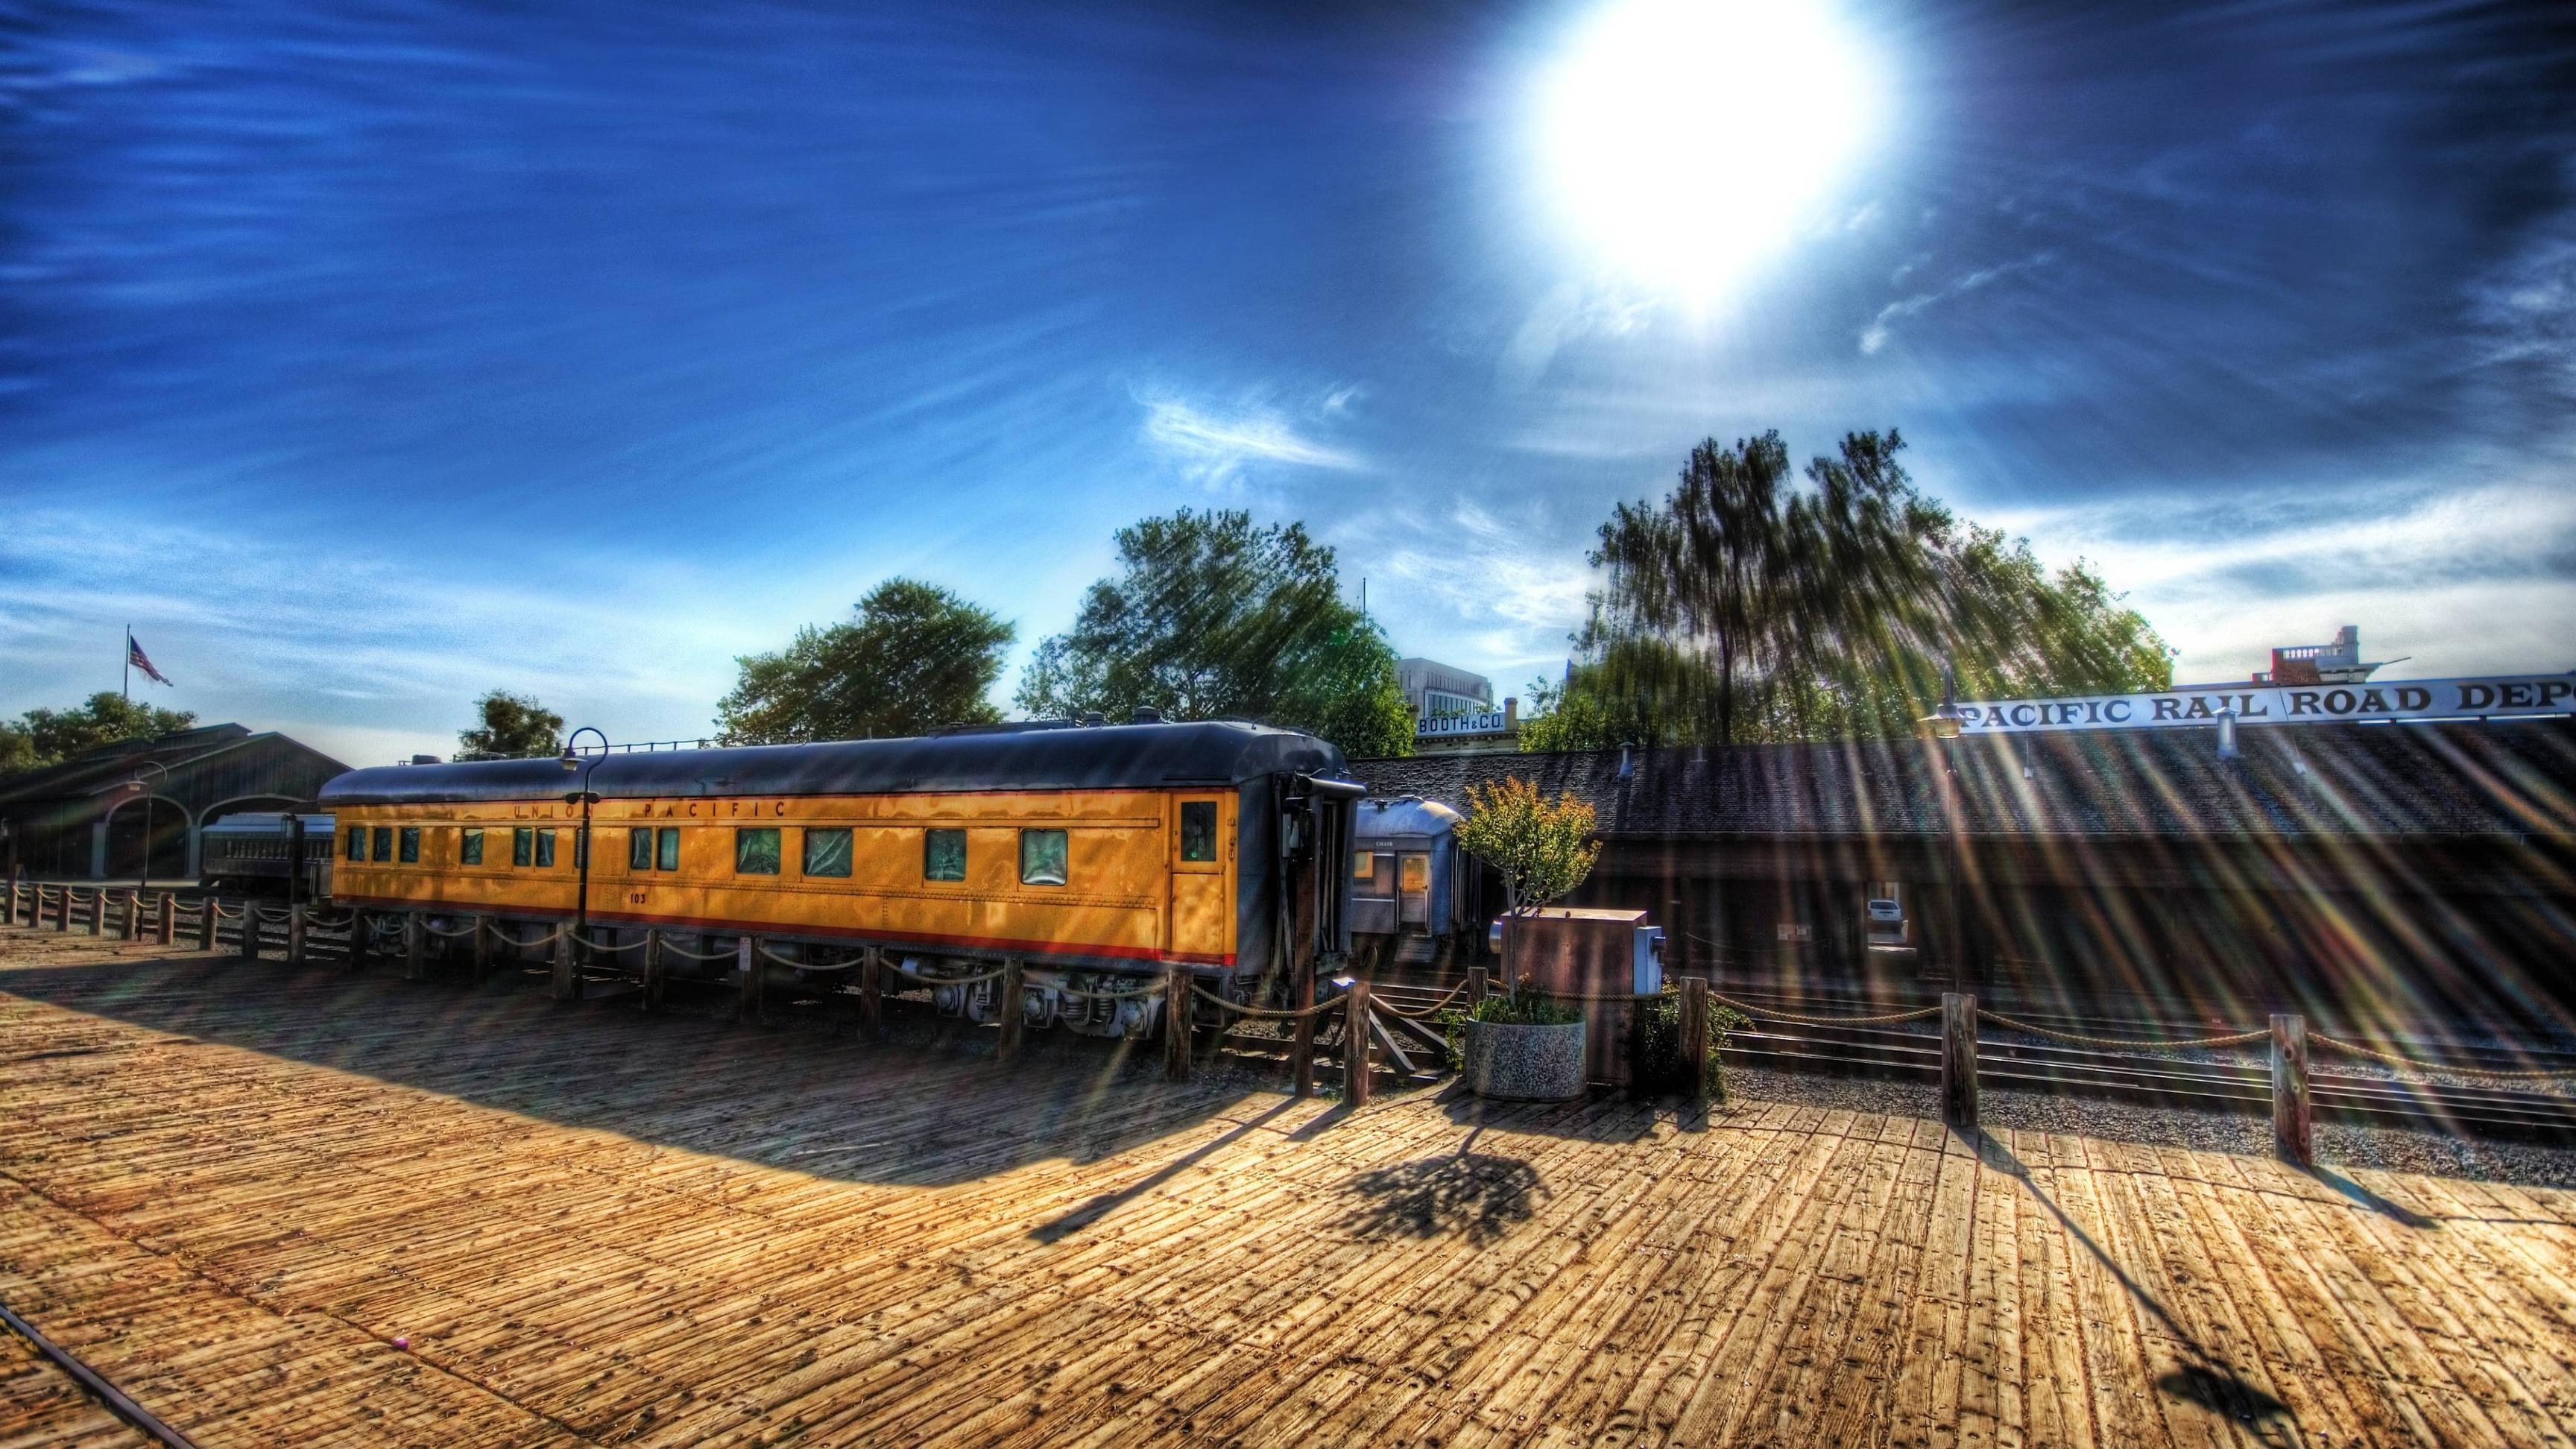 lionel train wallpaper - photo #5